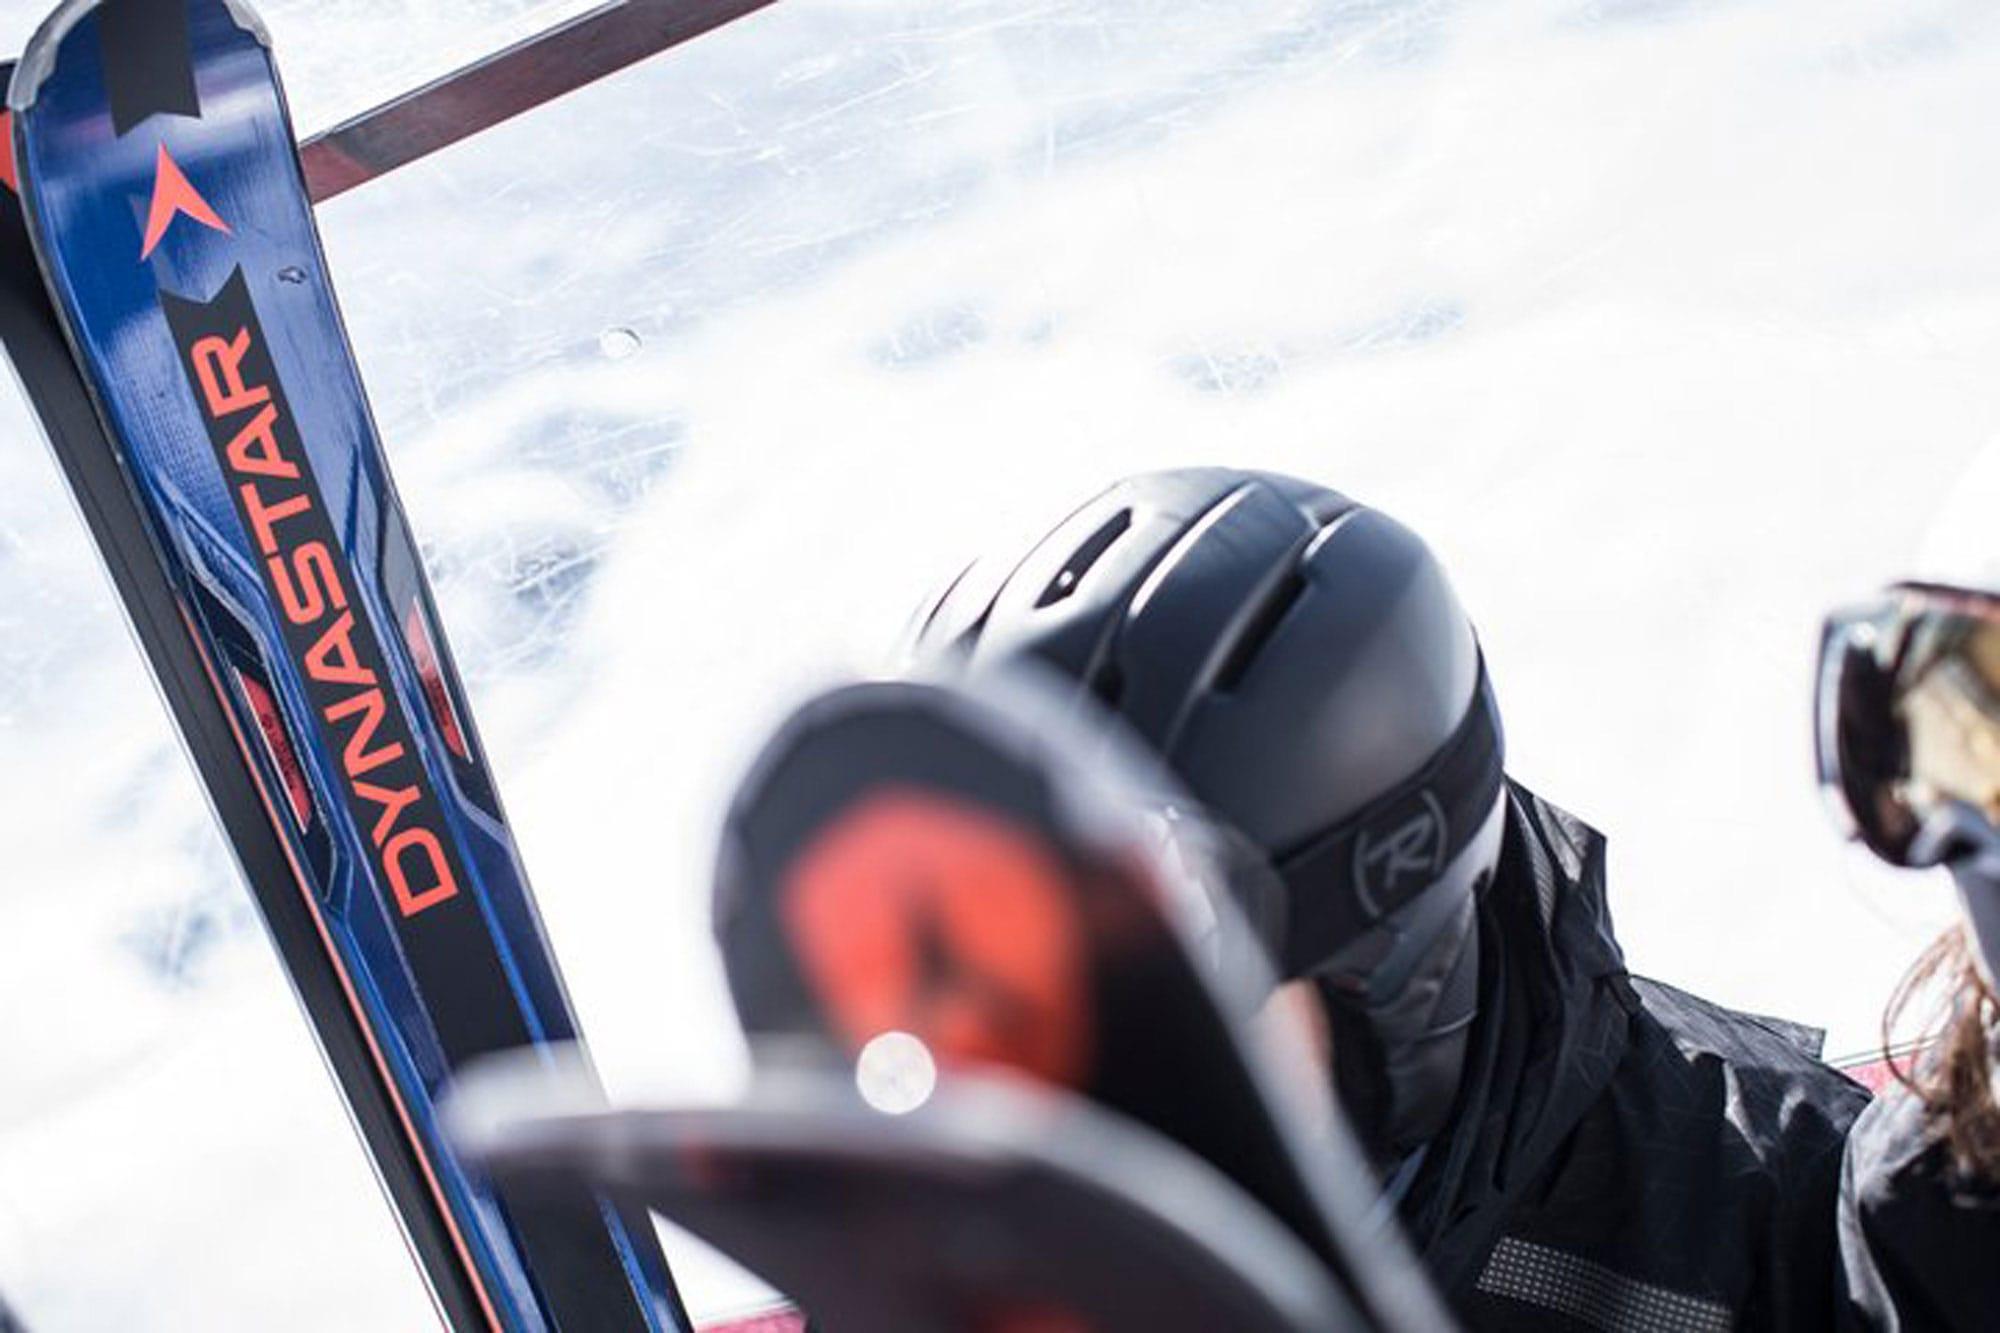 Dynastar Ski in der Gondel